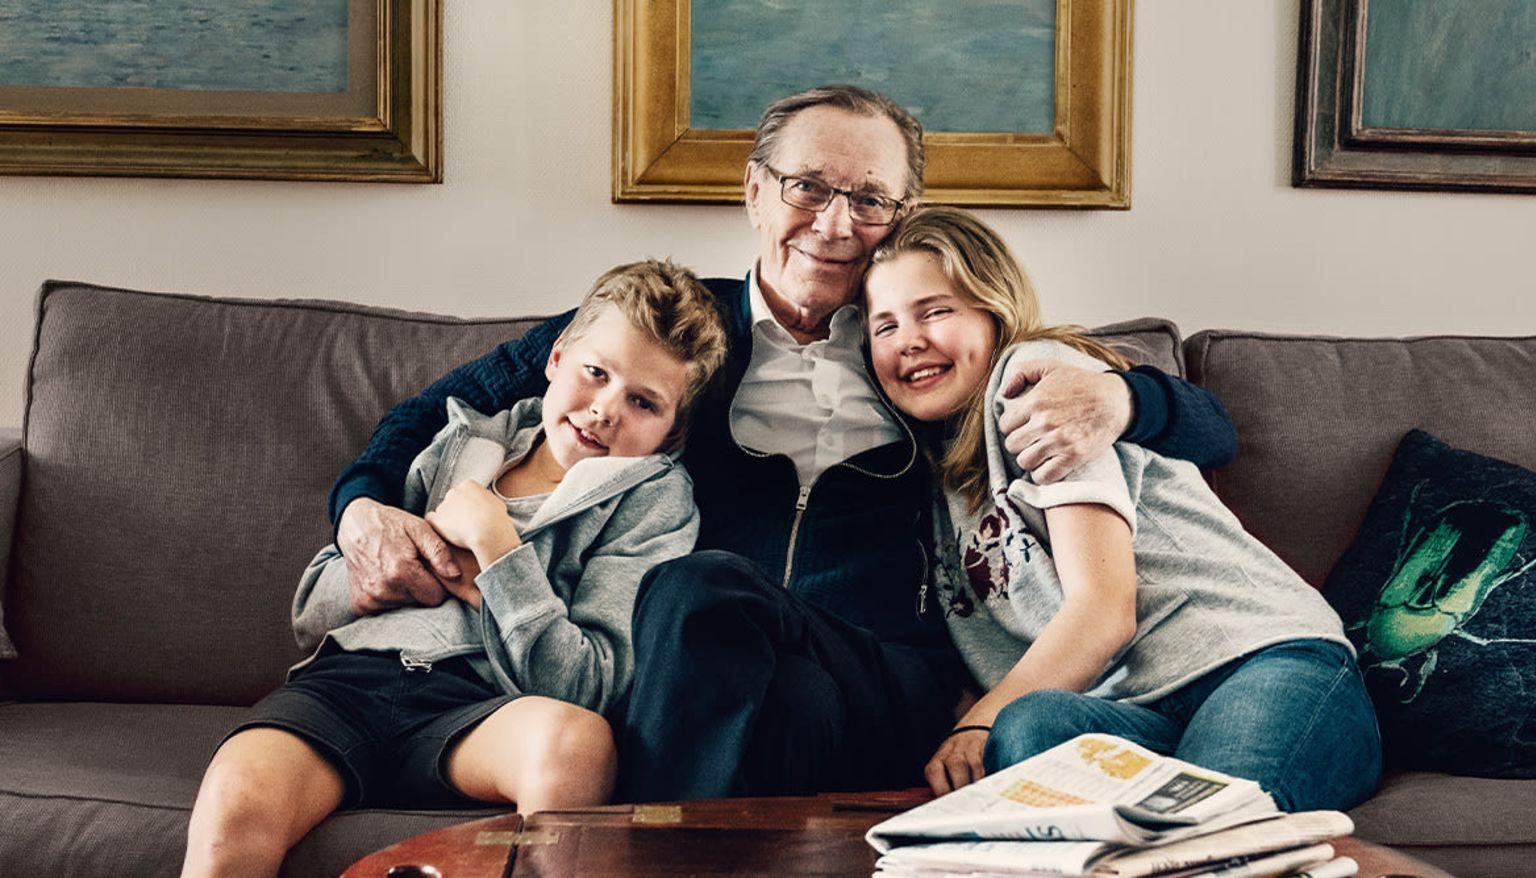 En morfar sitter och håller om barn barn i en soffa